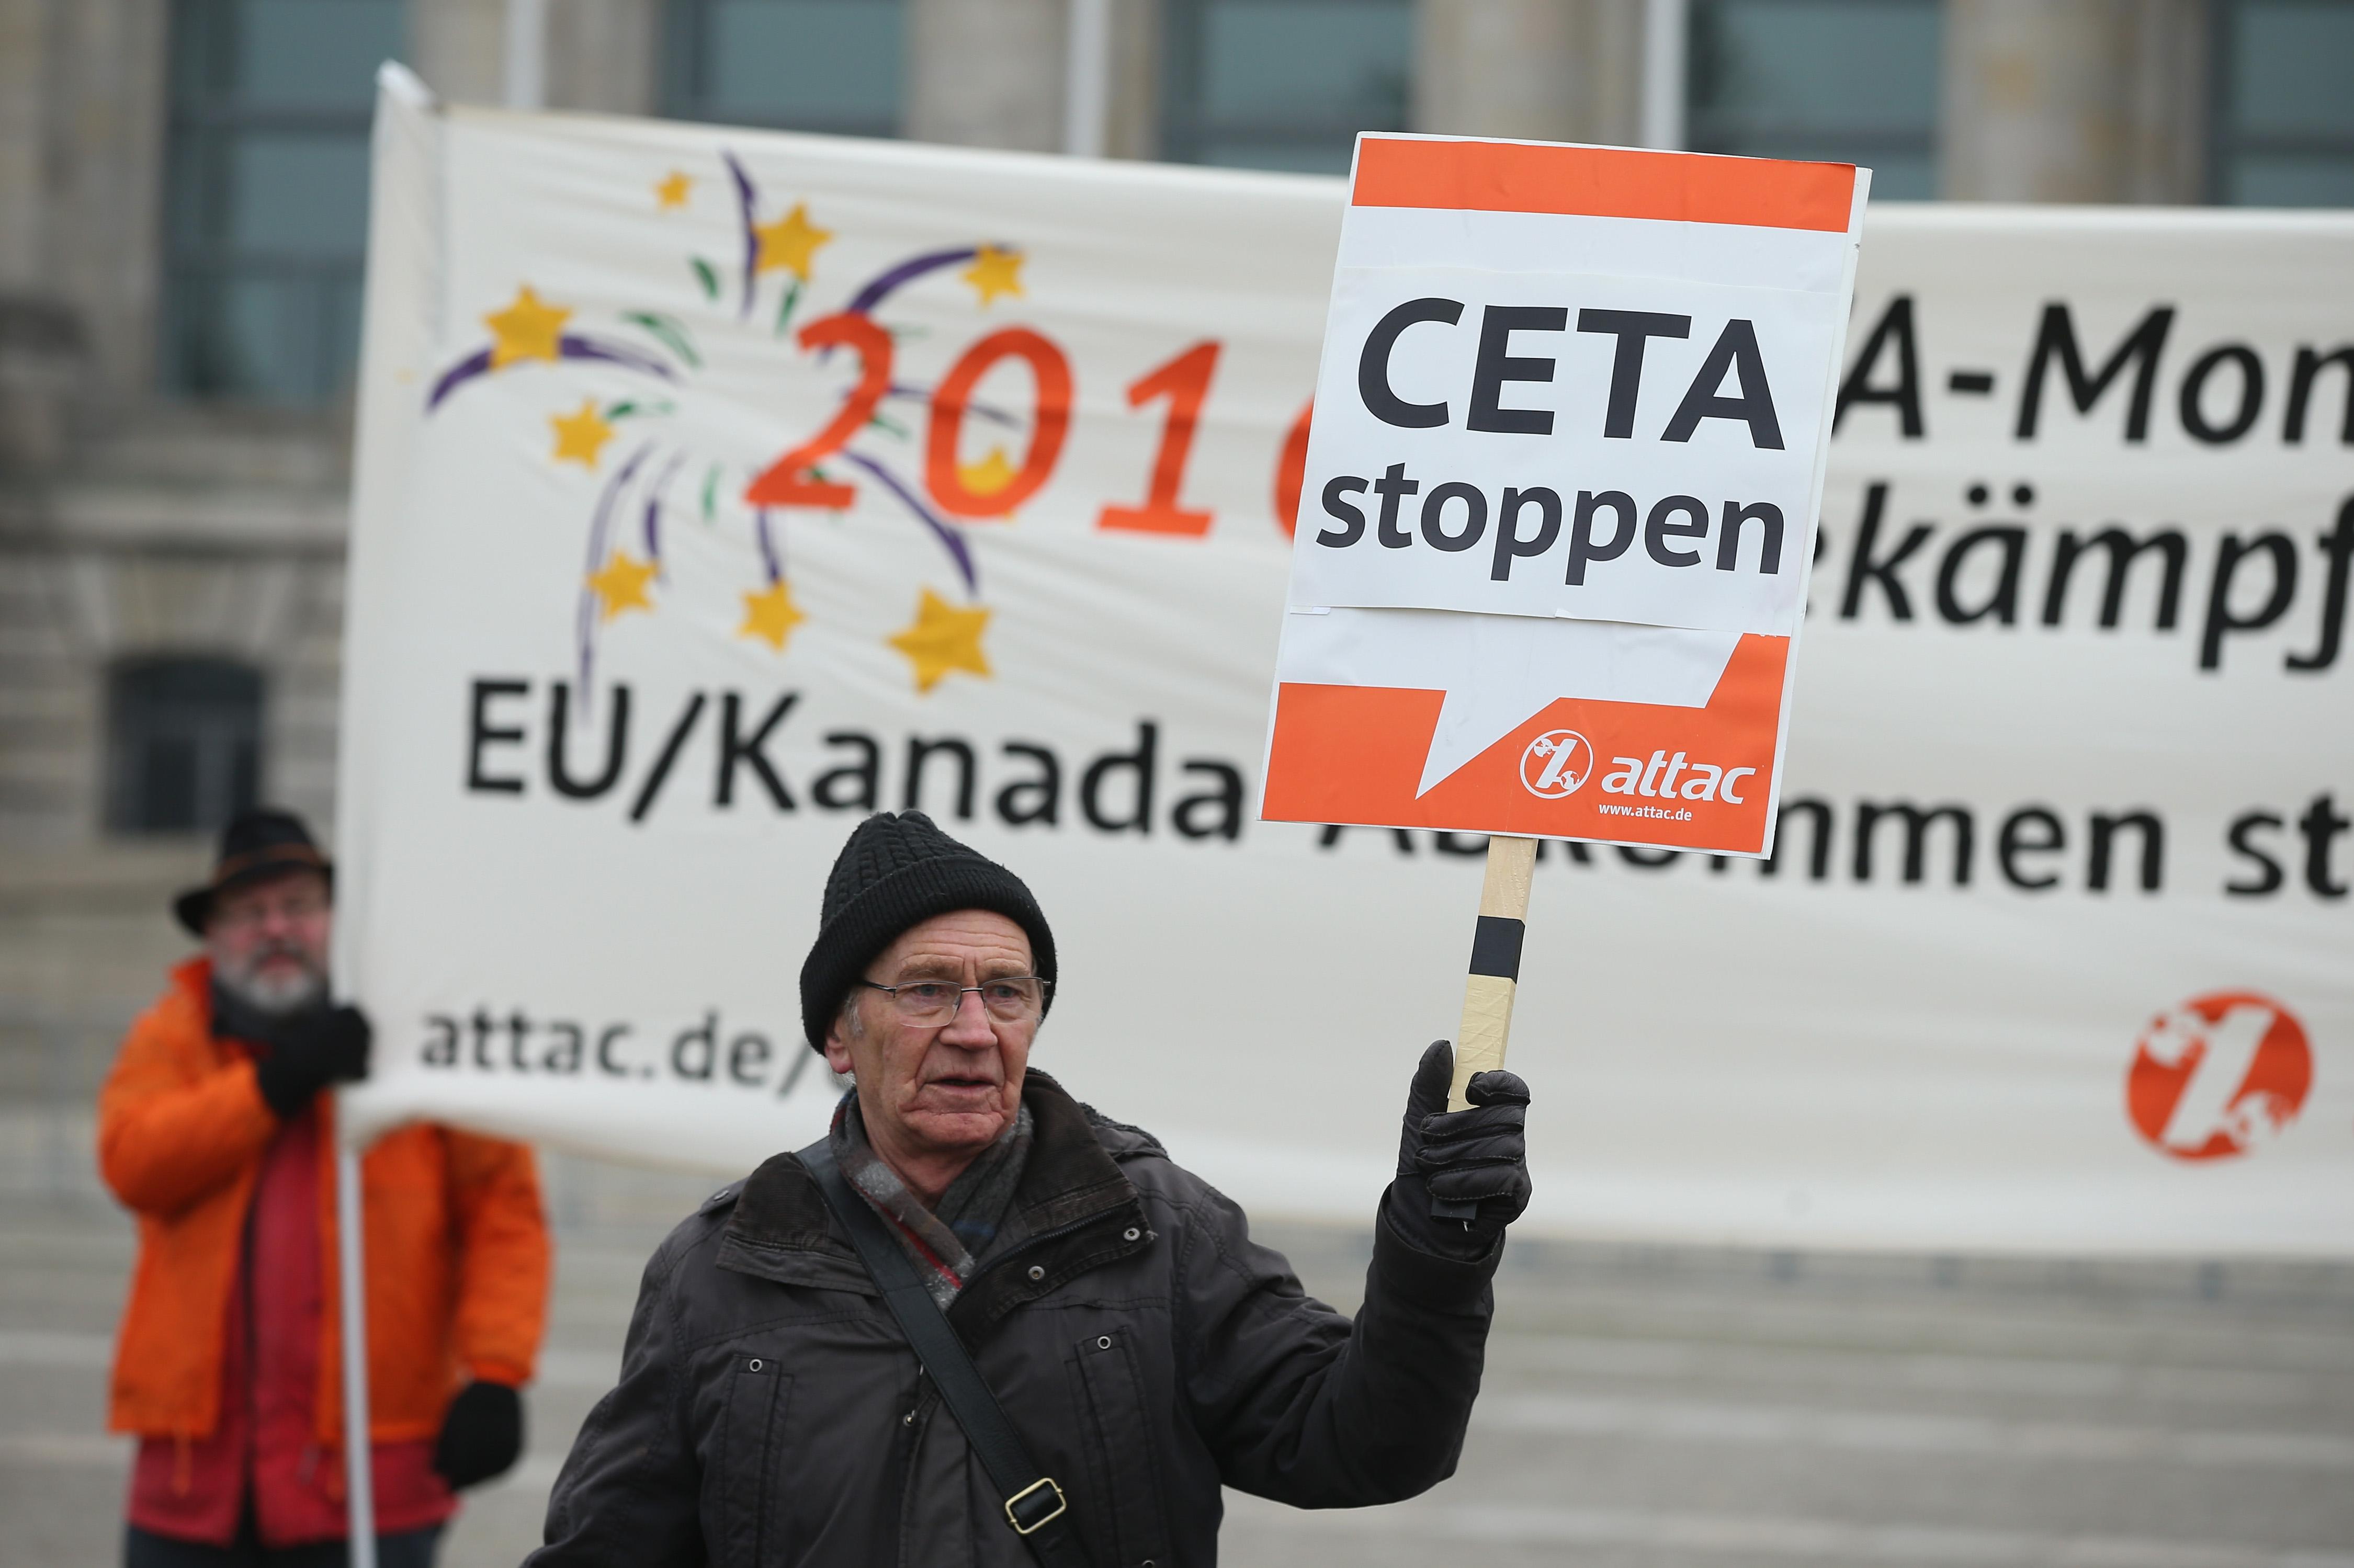 Liegt CETA in der alleinigen Kompetenz der EU?